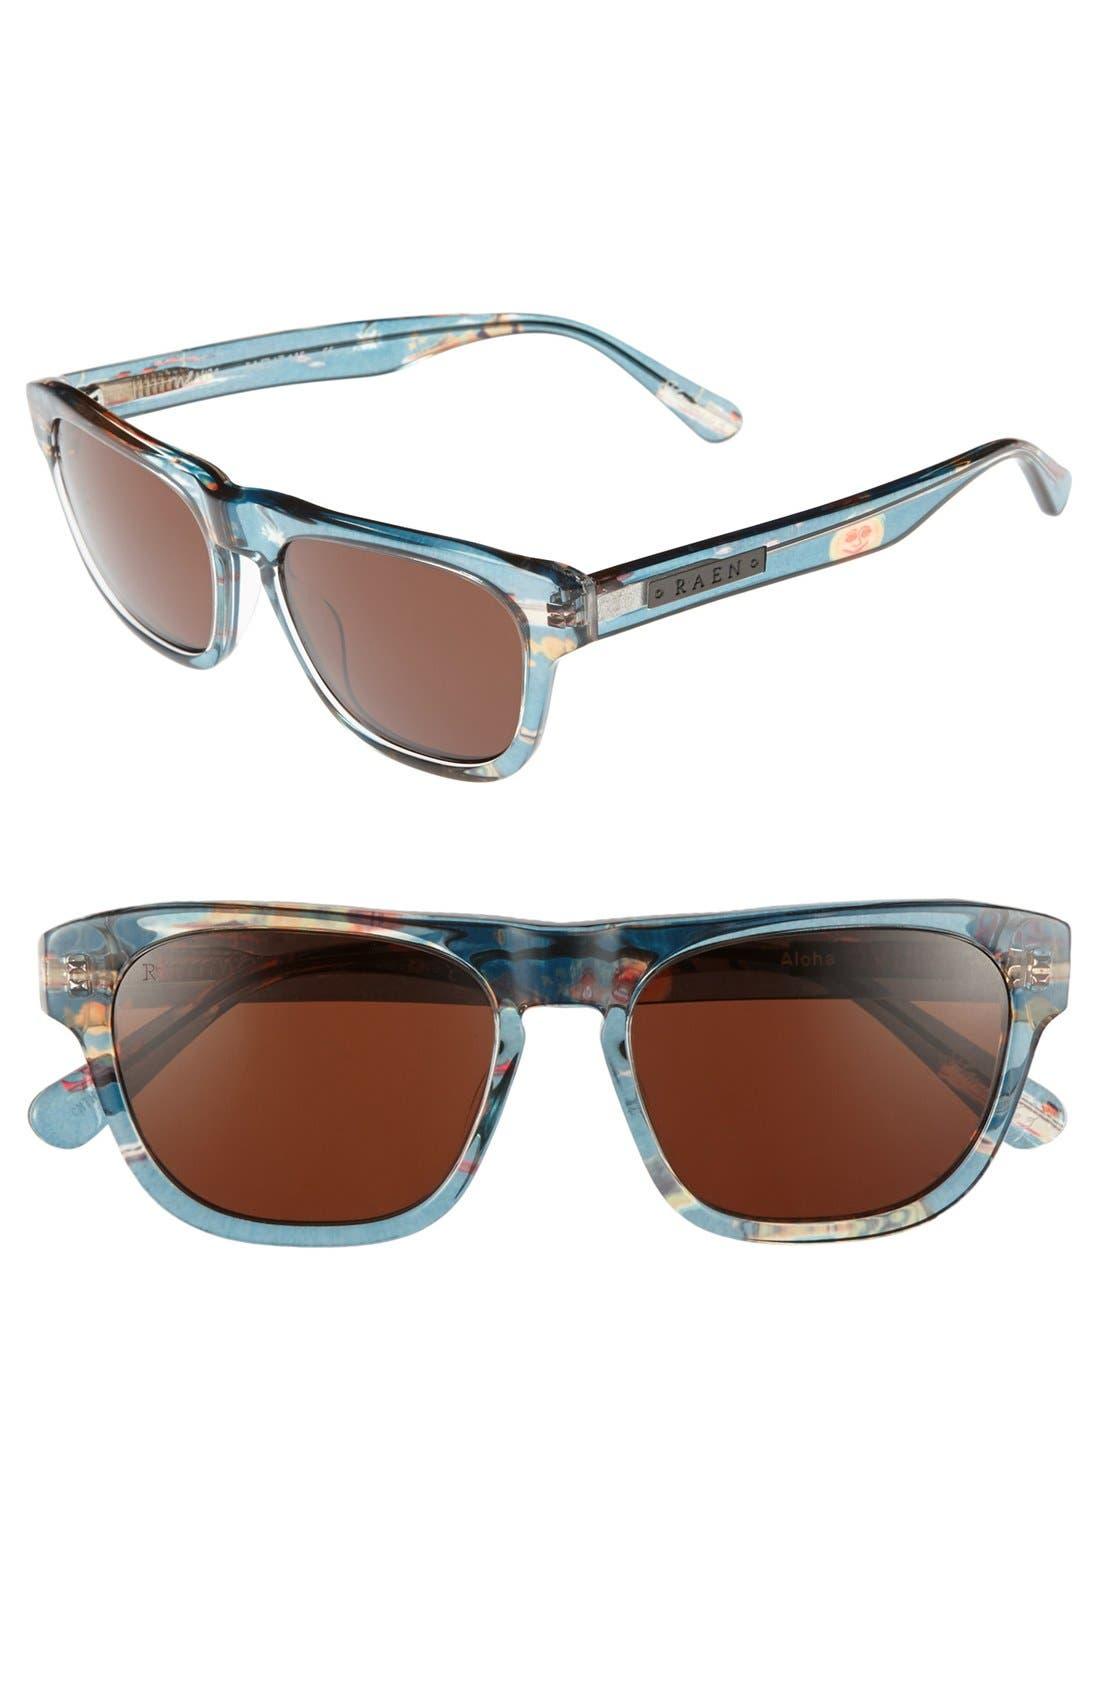 Alternate Image 1 Selected - RAEN 'Nevin' 54mm Sunglasses